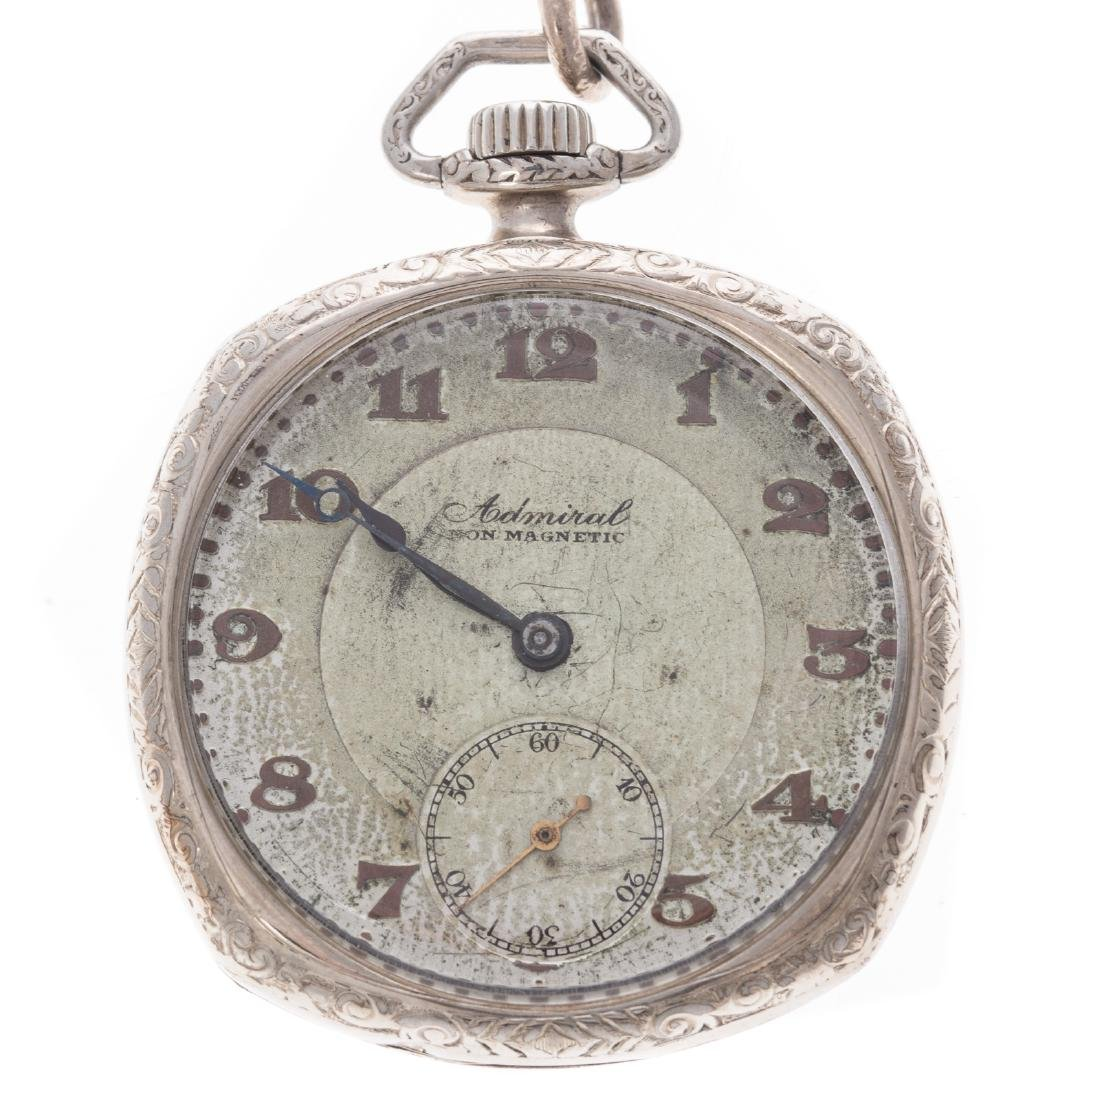 Two Gentlemen's Vintage Pocket Watches - 3